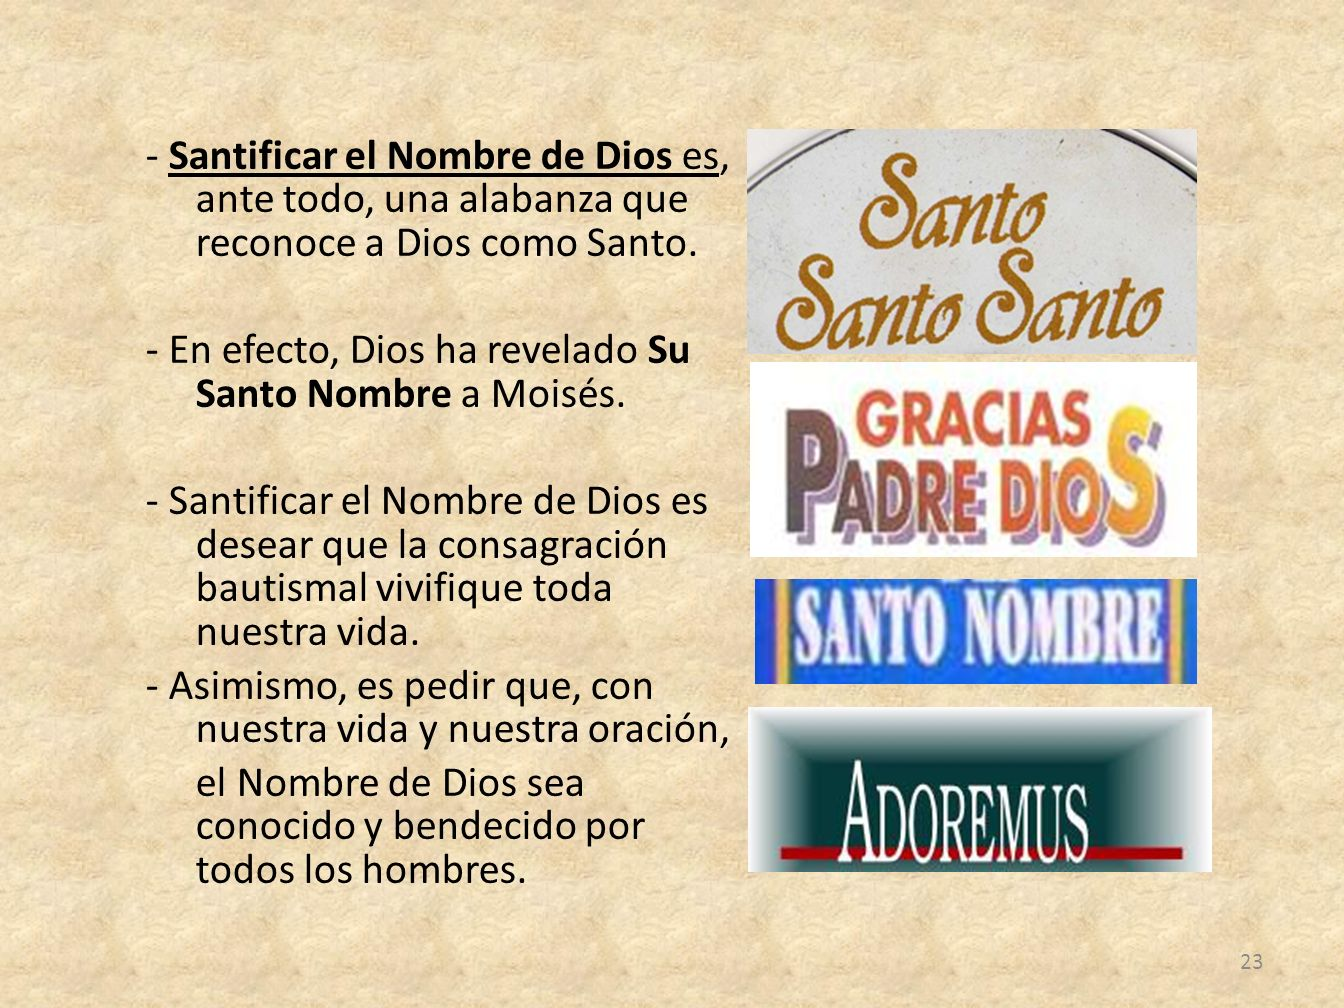 - Santificar el Nombre de Dios es, ante todo, una alabanza que reconoce a Dios como Santo.